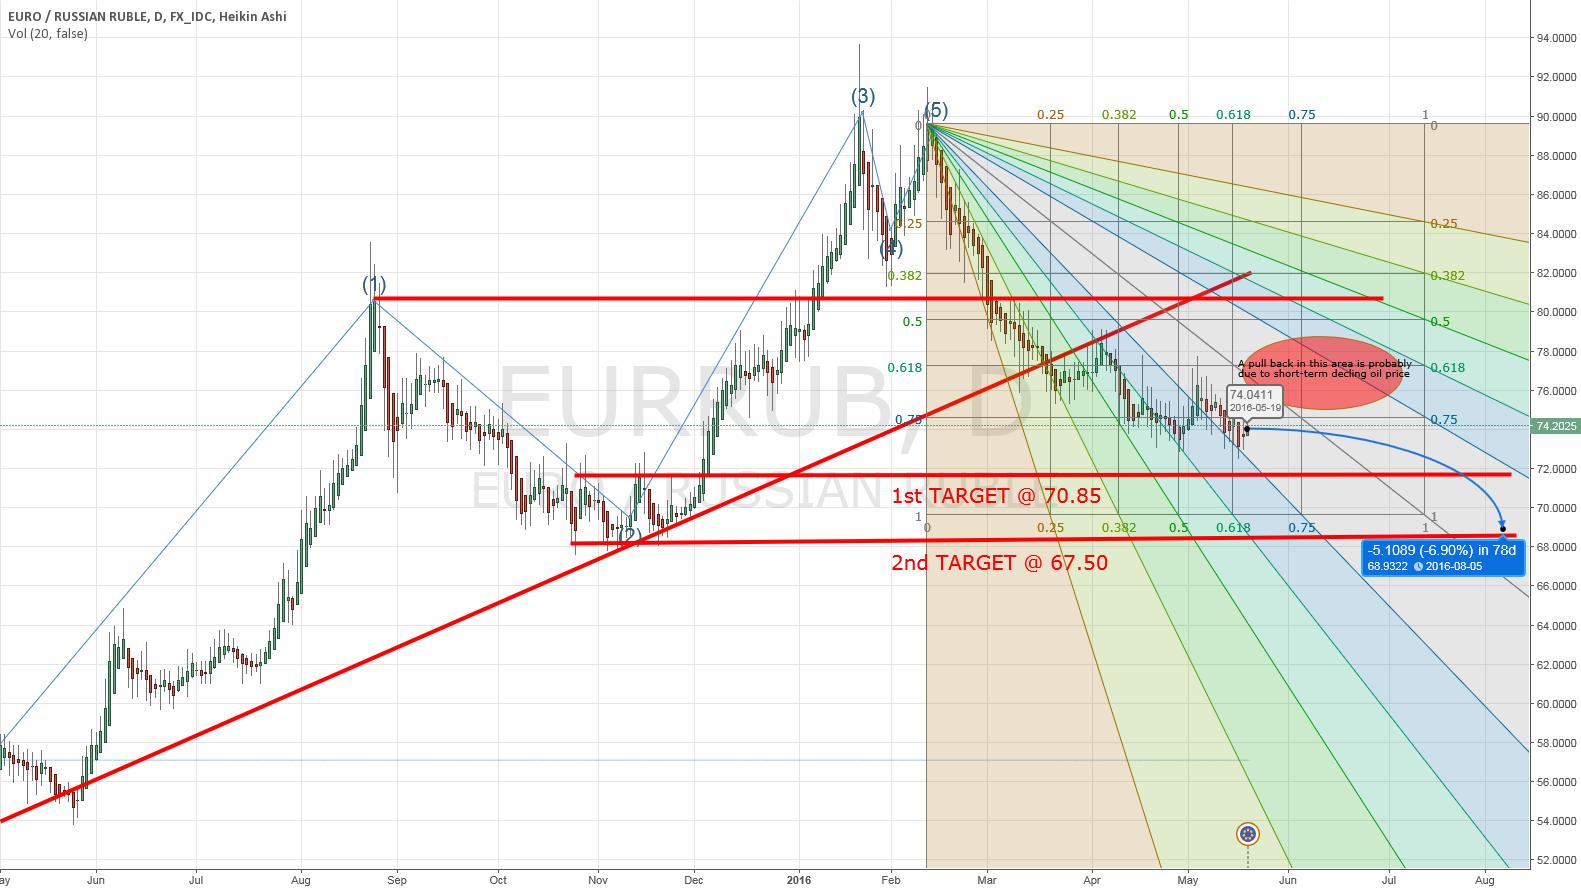 EUR/RUB